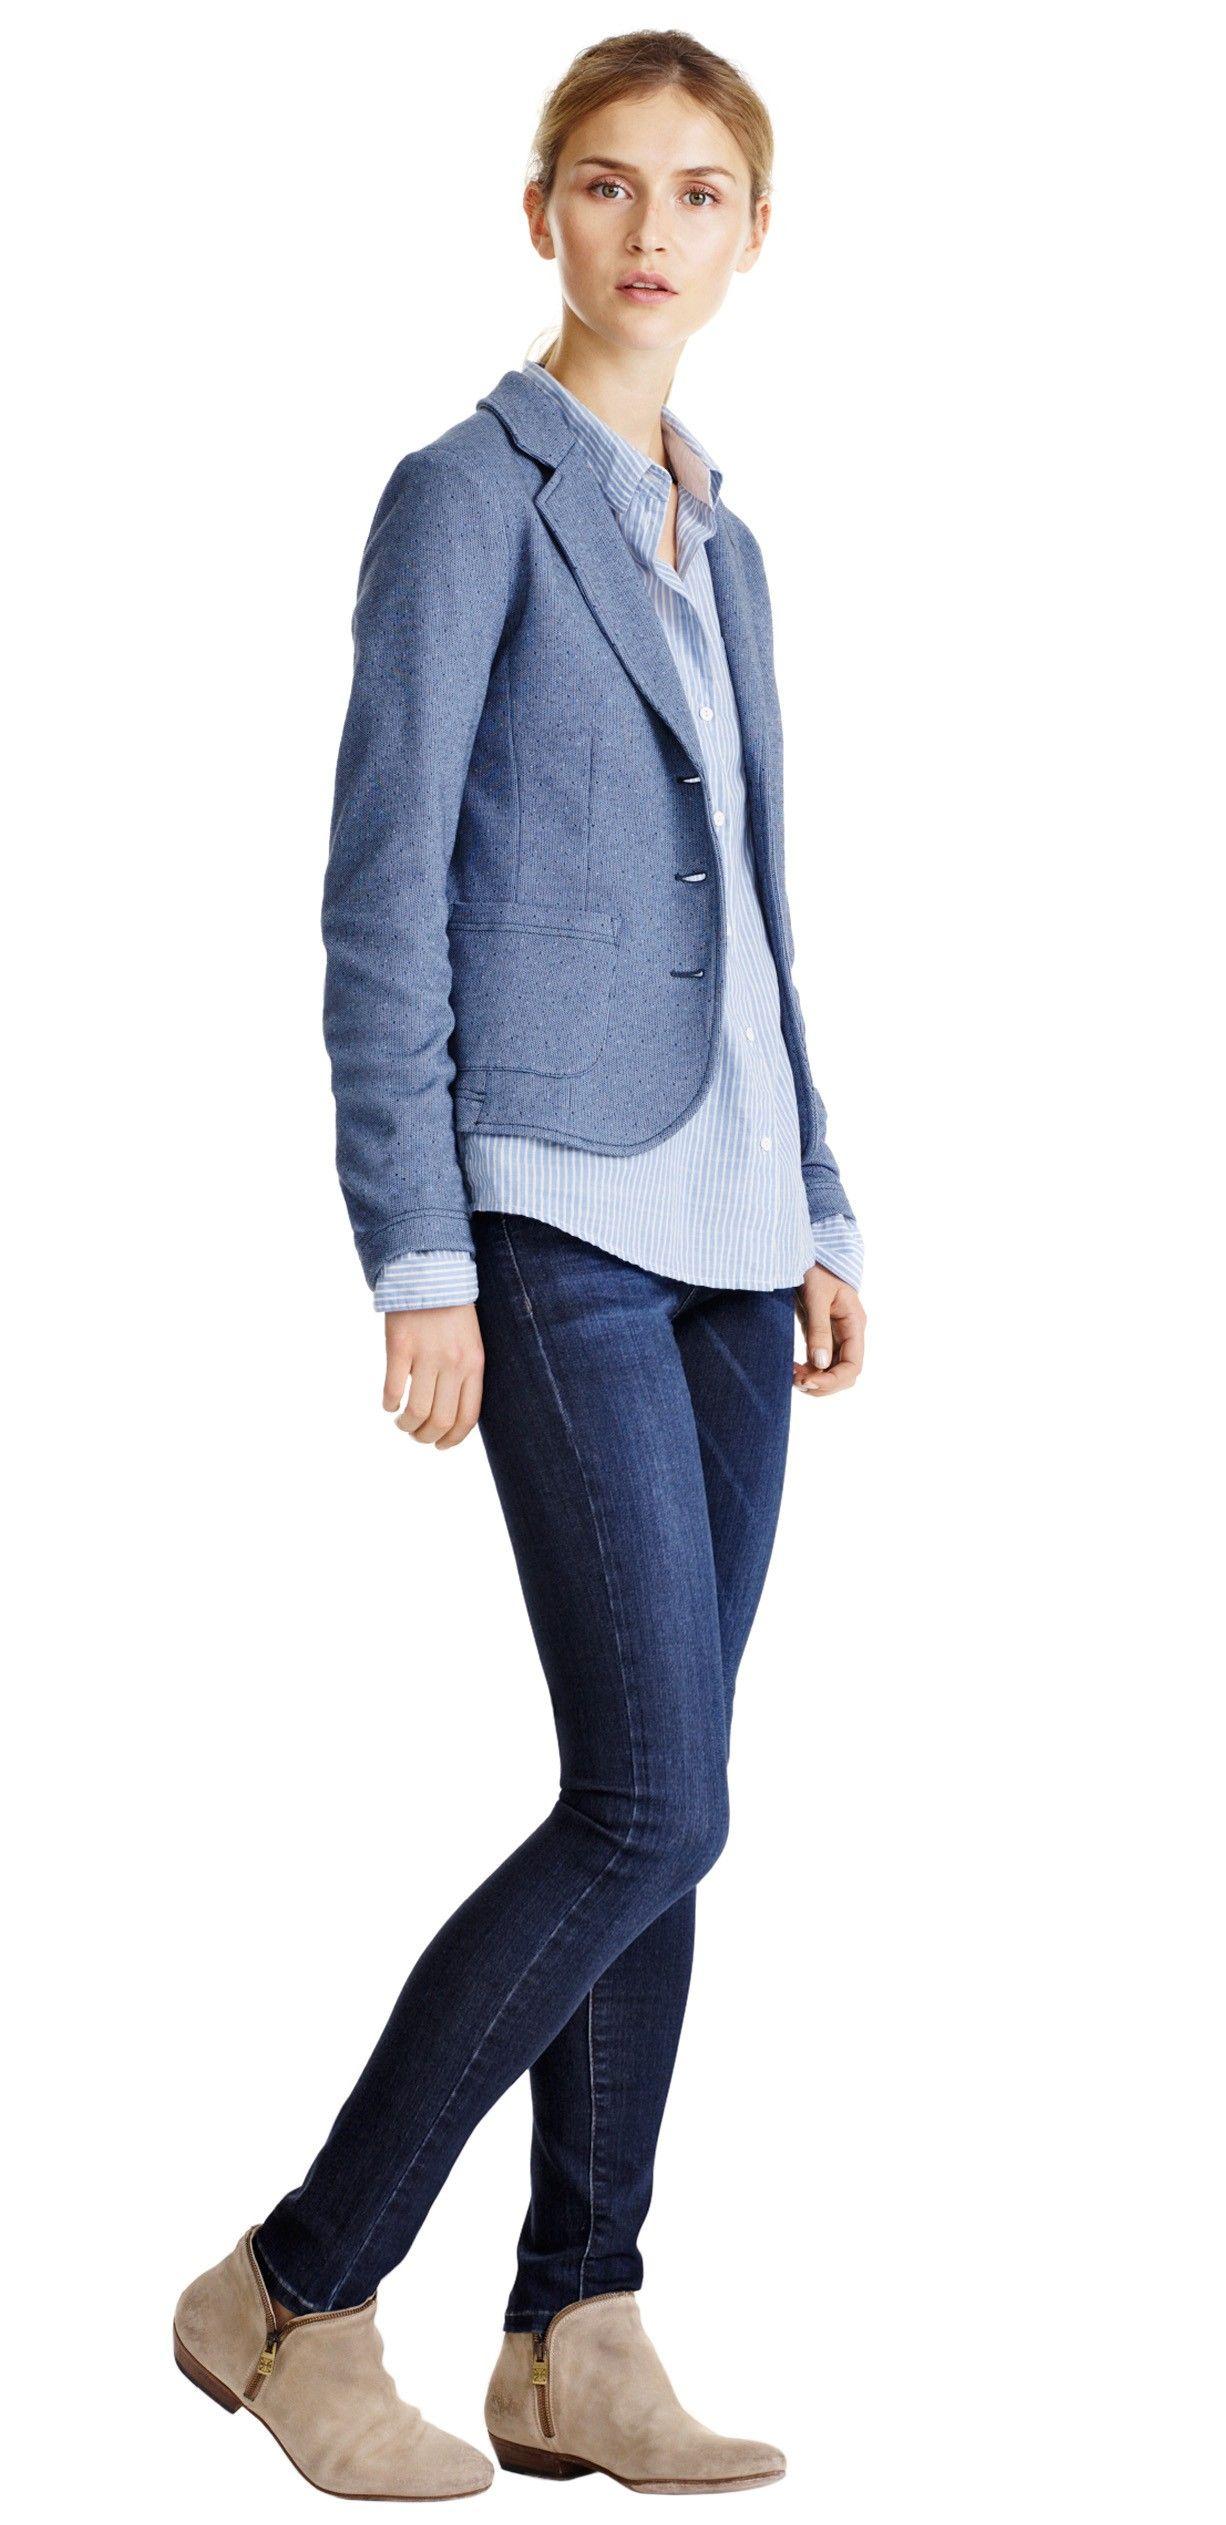 Damen Outfit Flavie von OPUS Fashion: blauer Blazer Juno ...